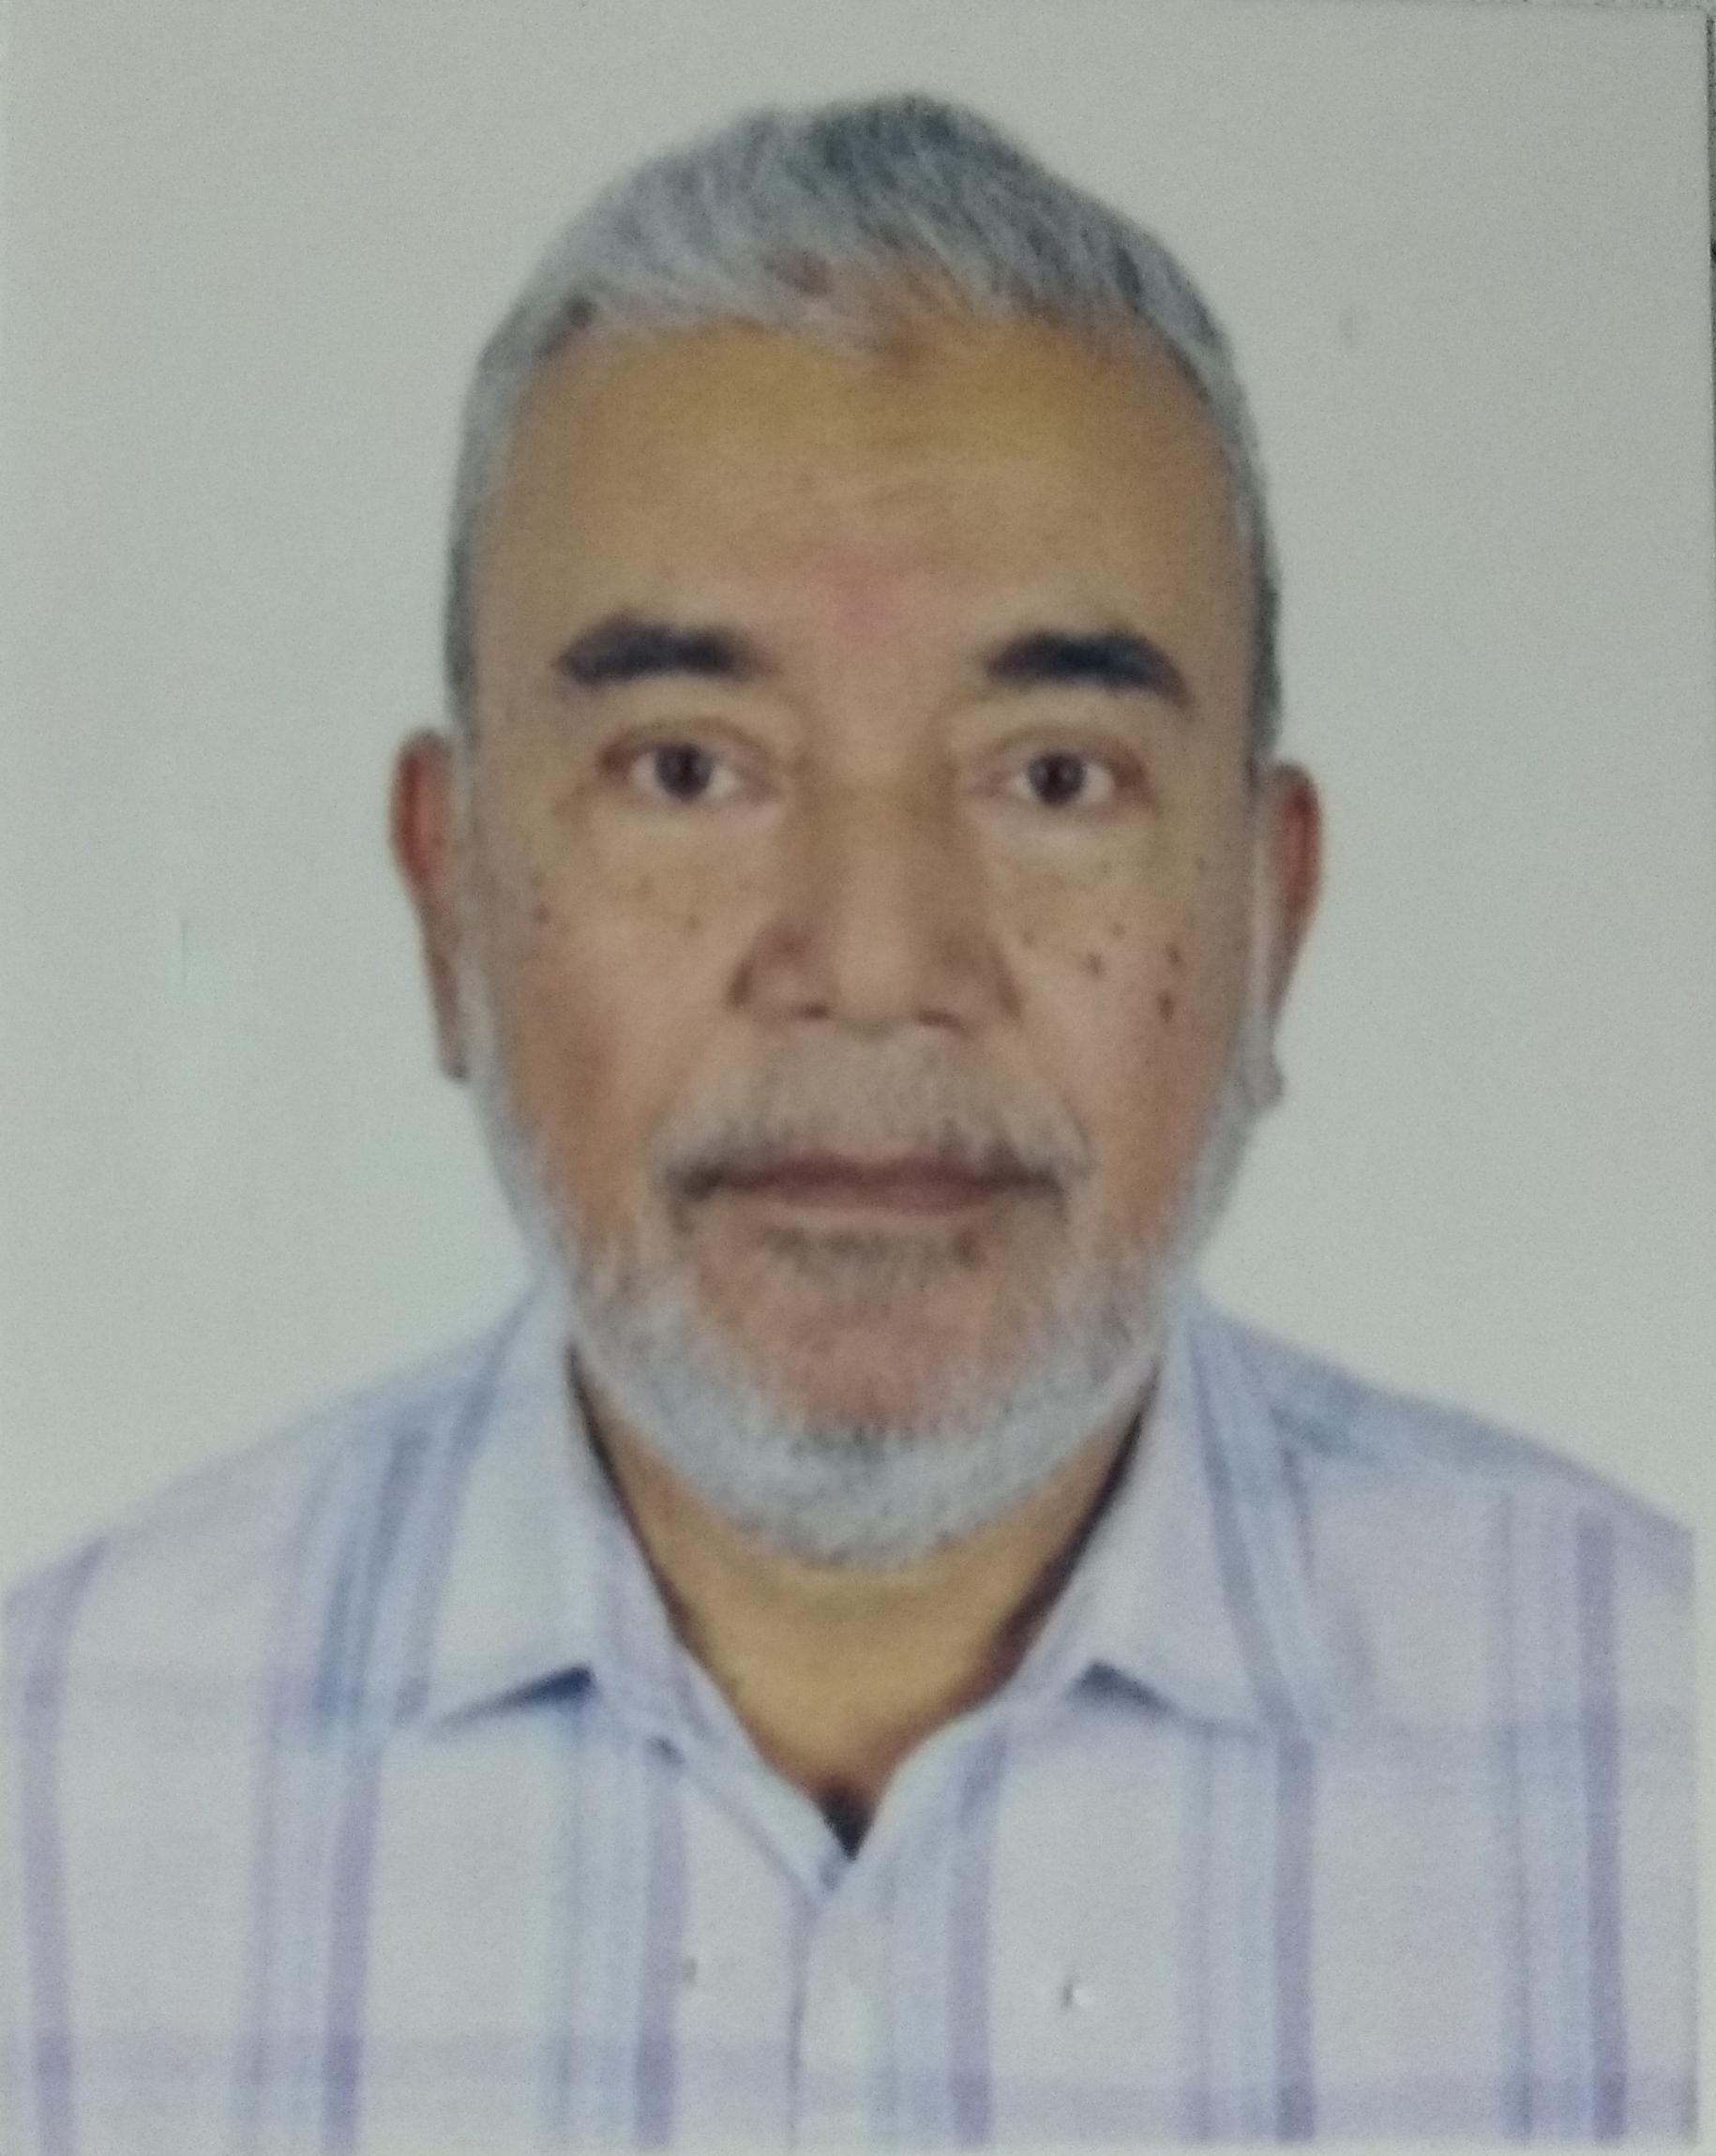 Mr. Mohammed Mozammel Hossain Howlader